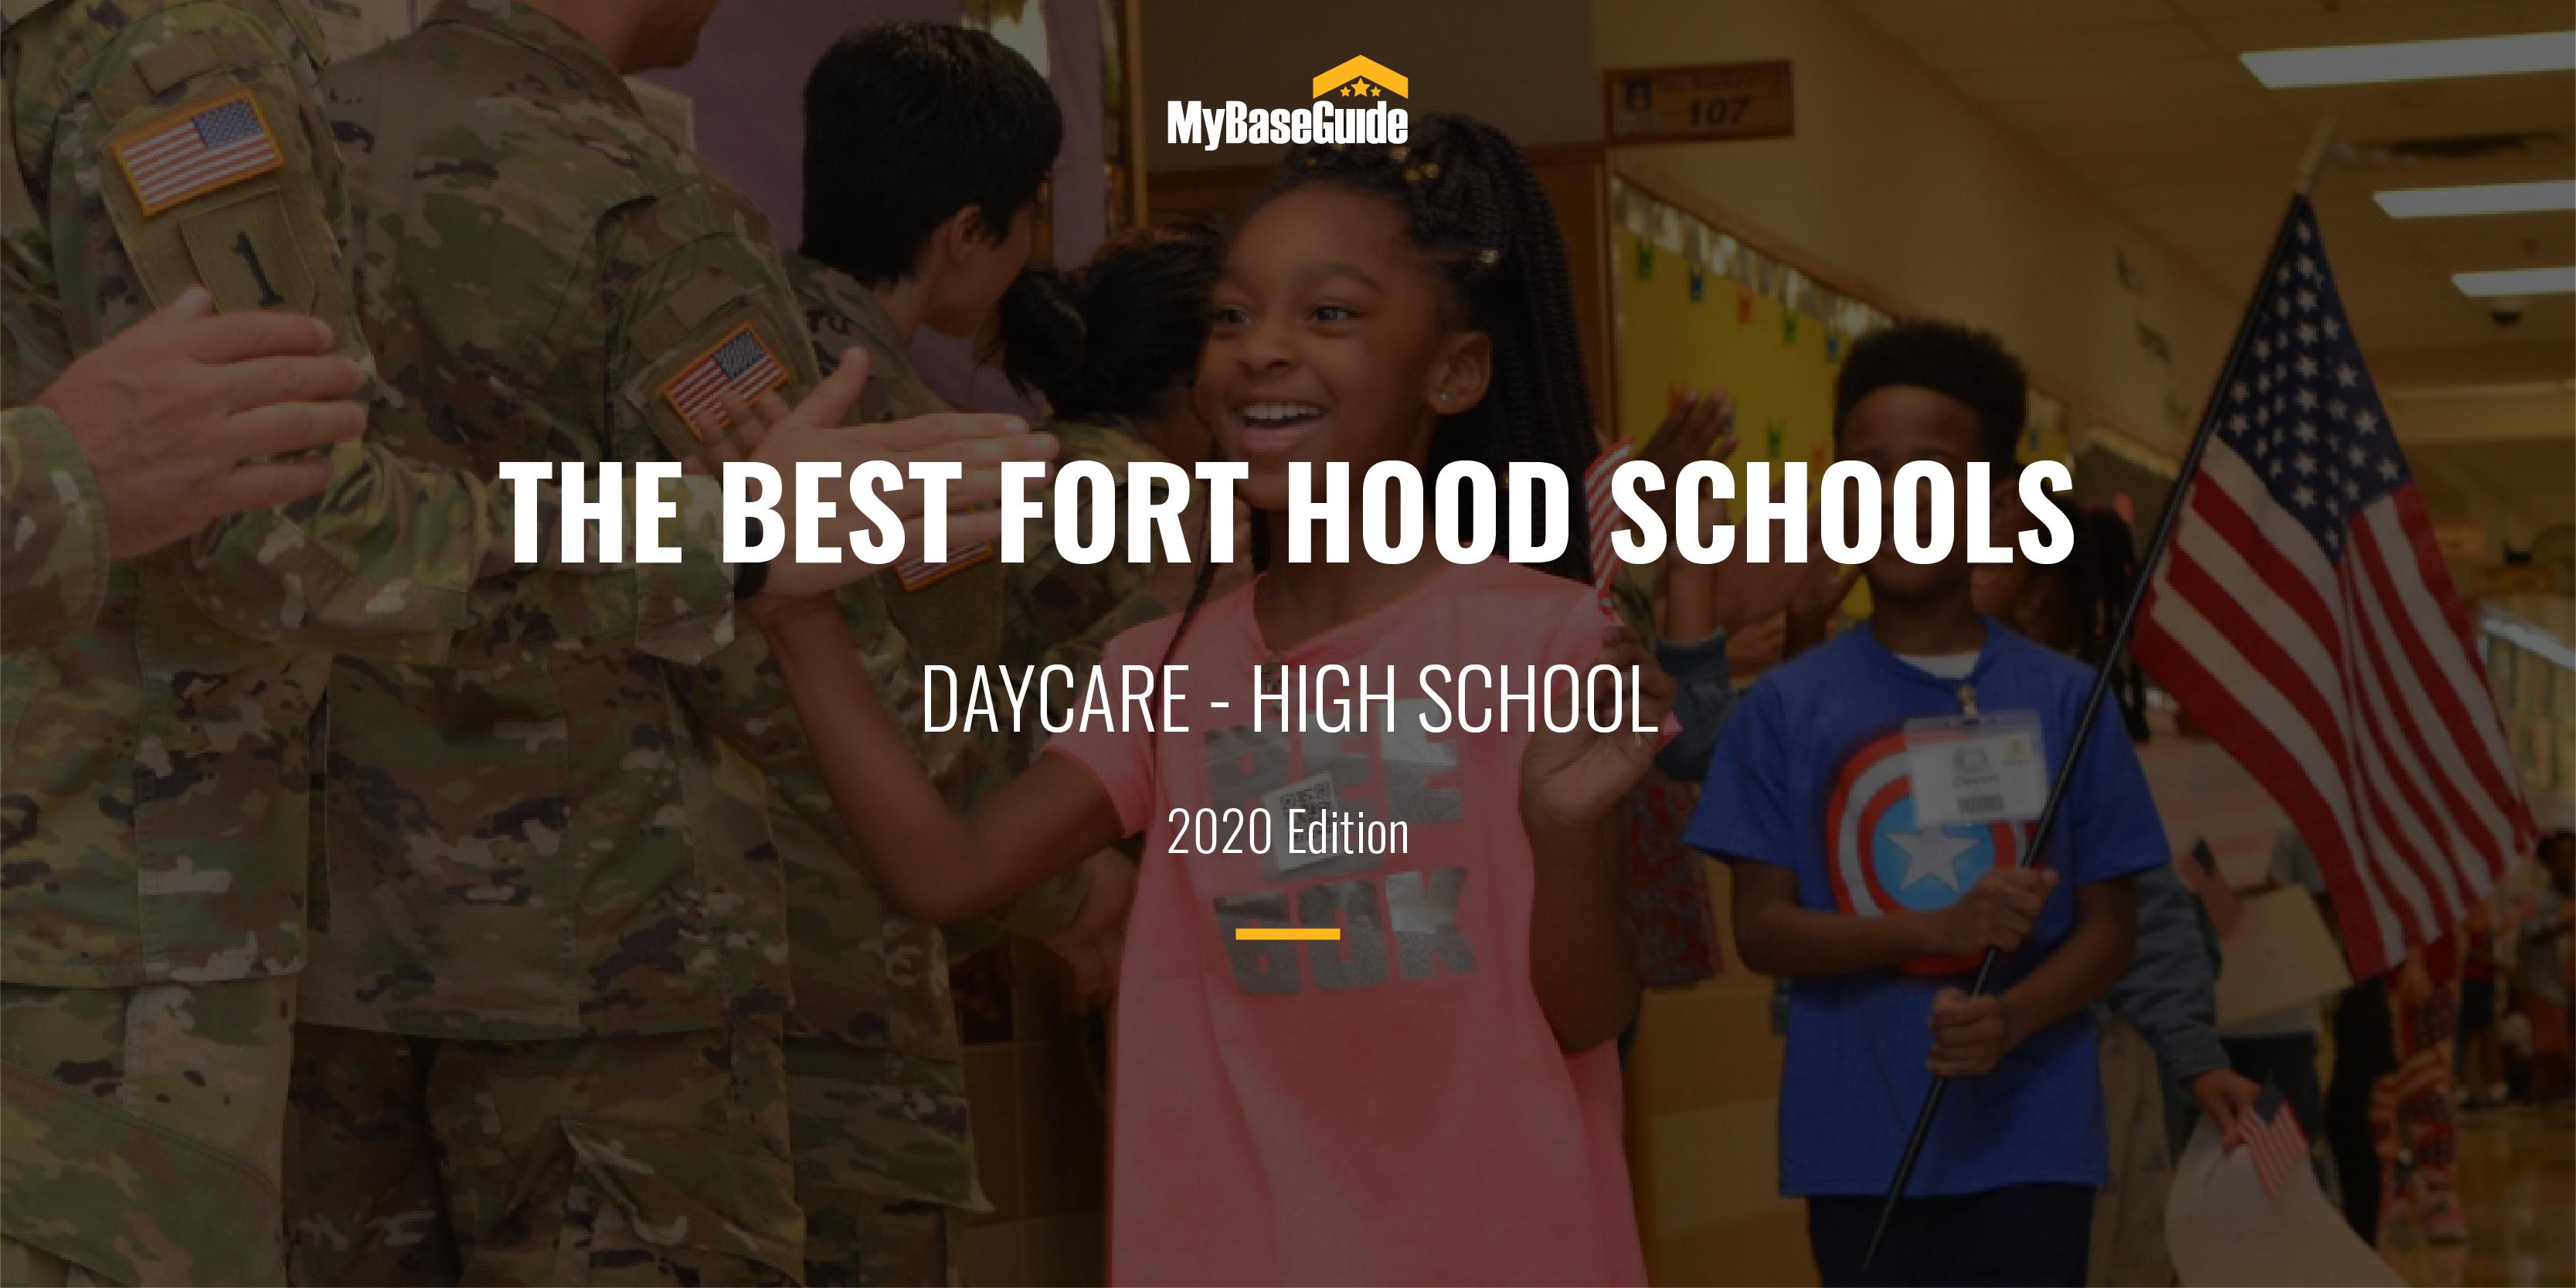 Fort Hood Schools